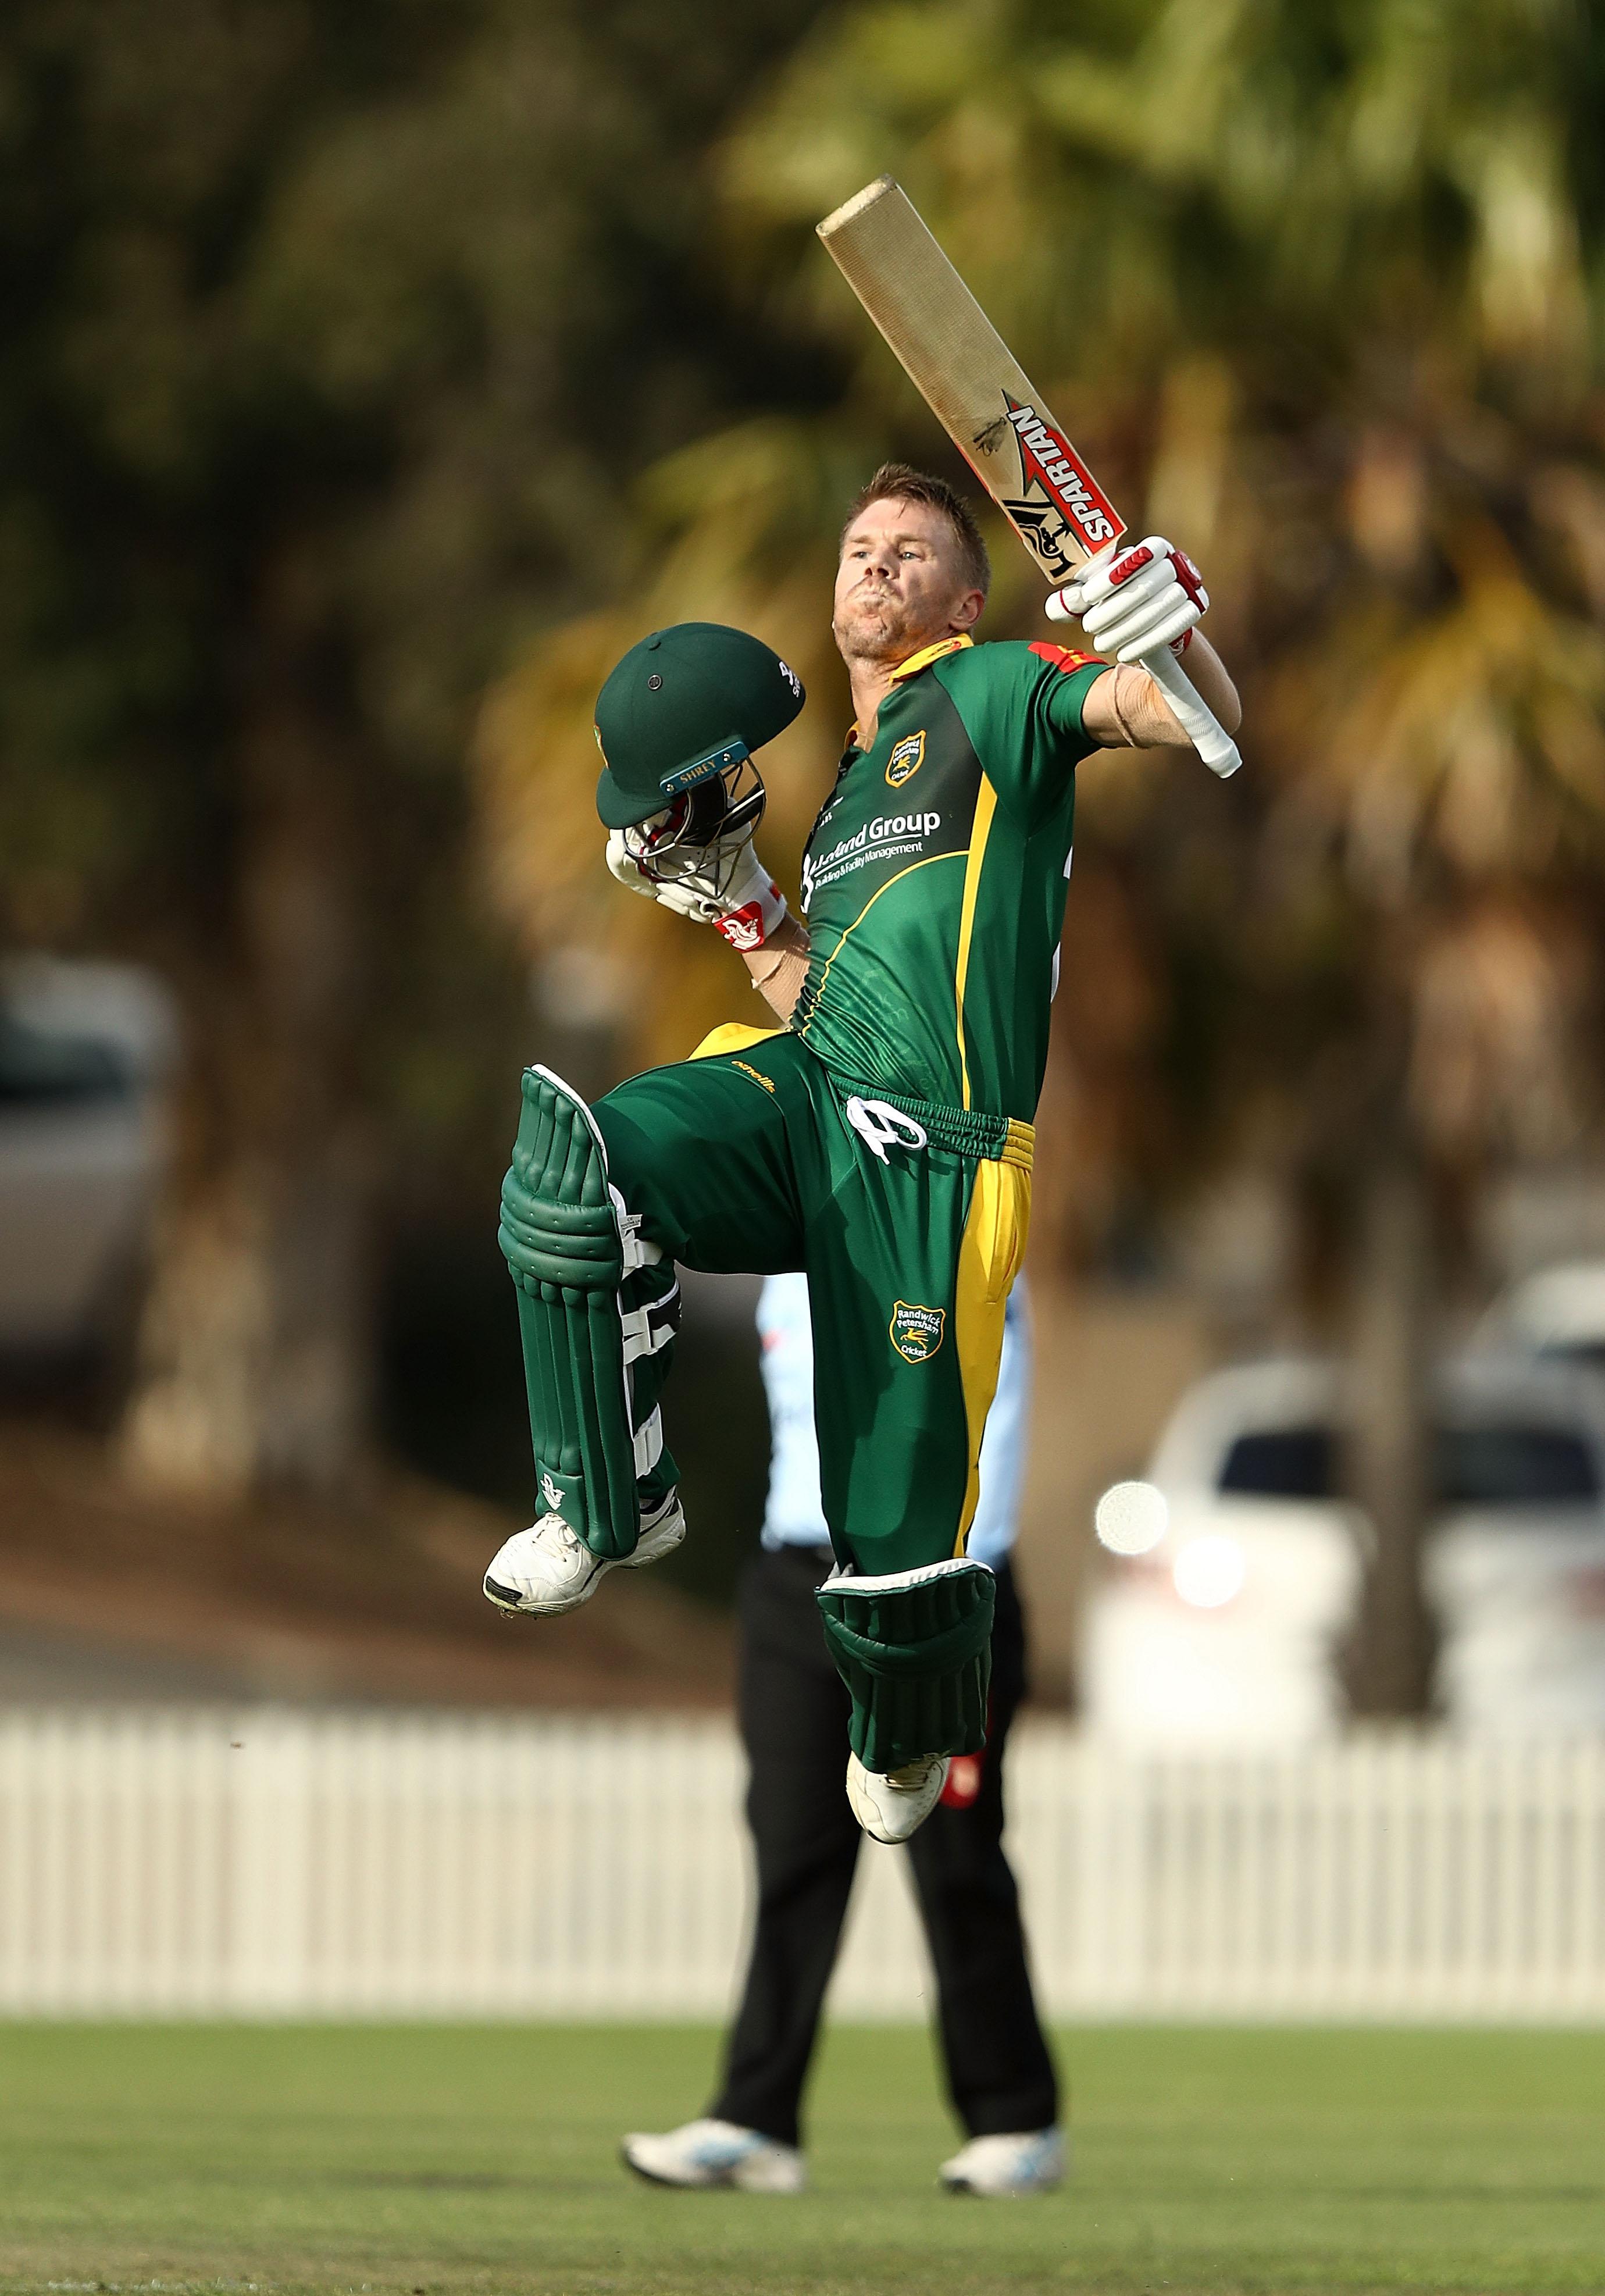 Mccullum Mocks Warner S Club Cricket Celebrations Otago